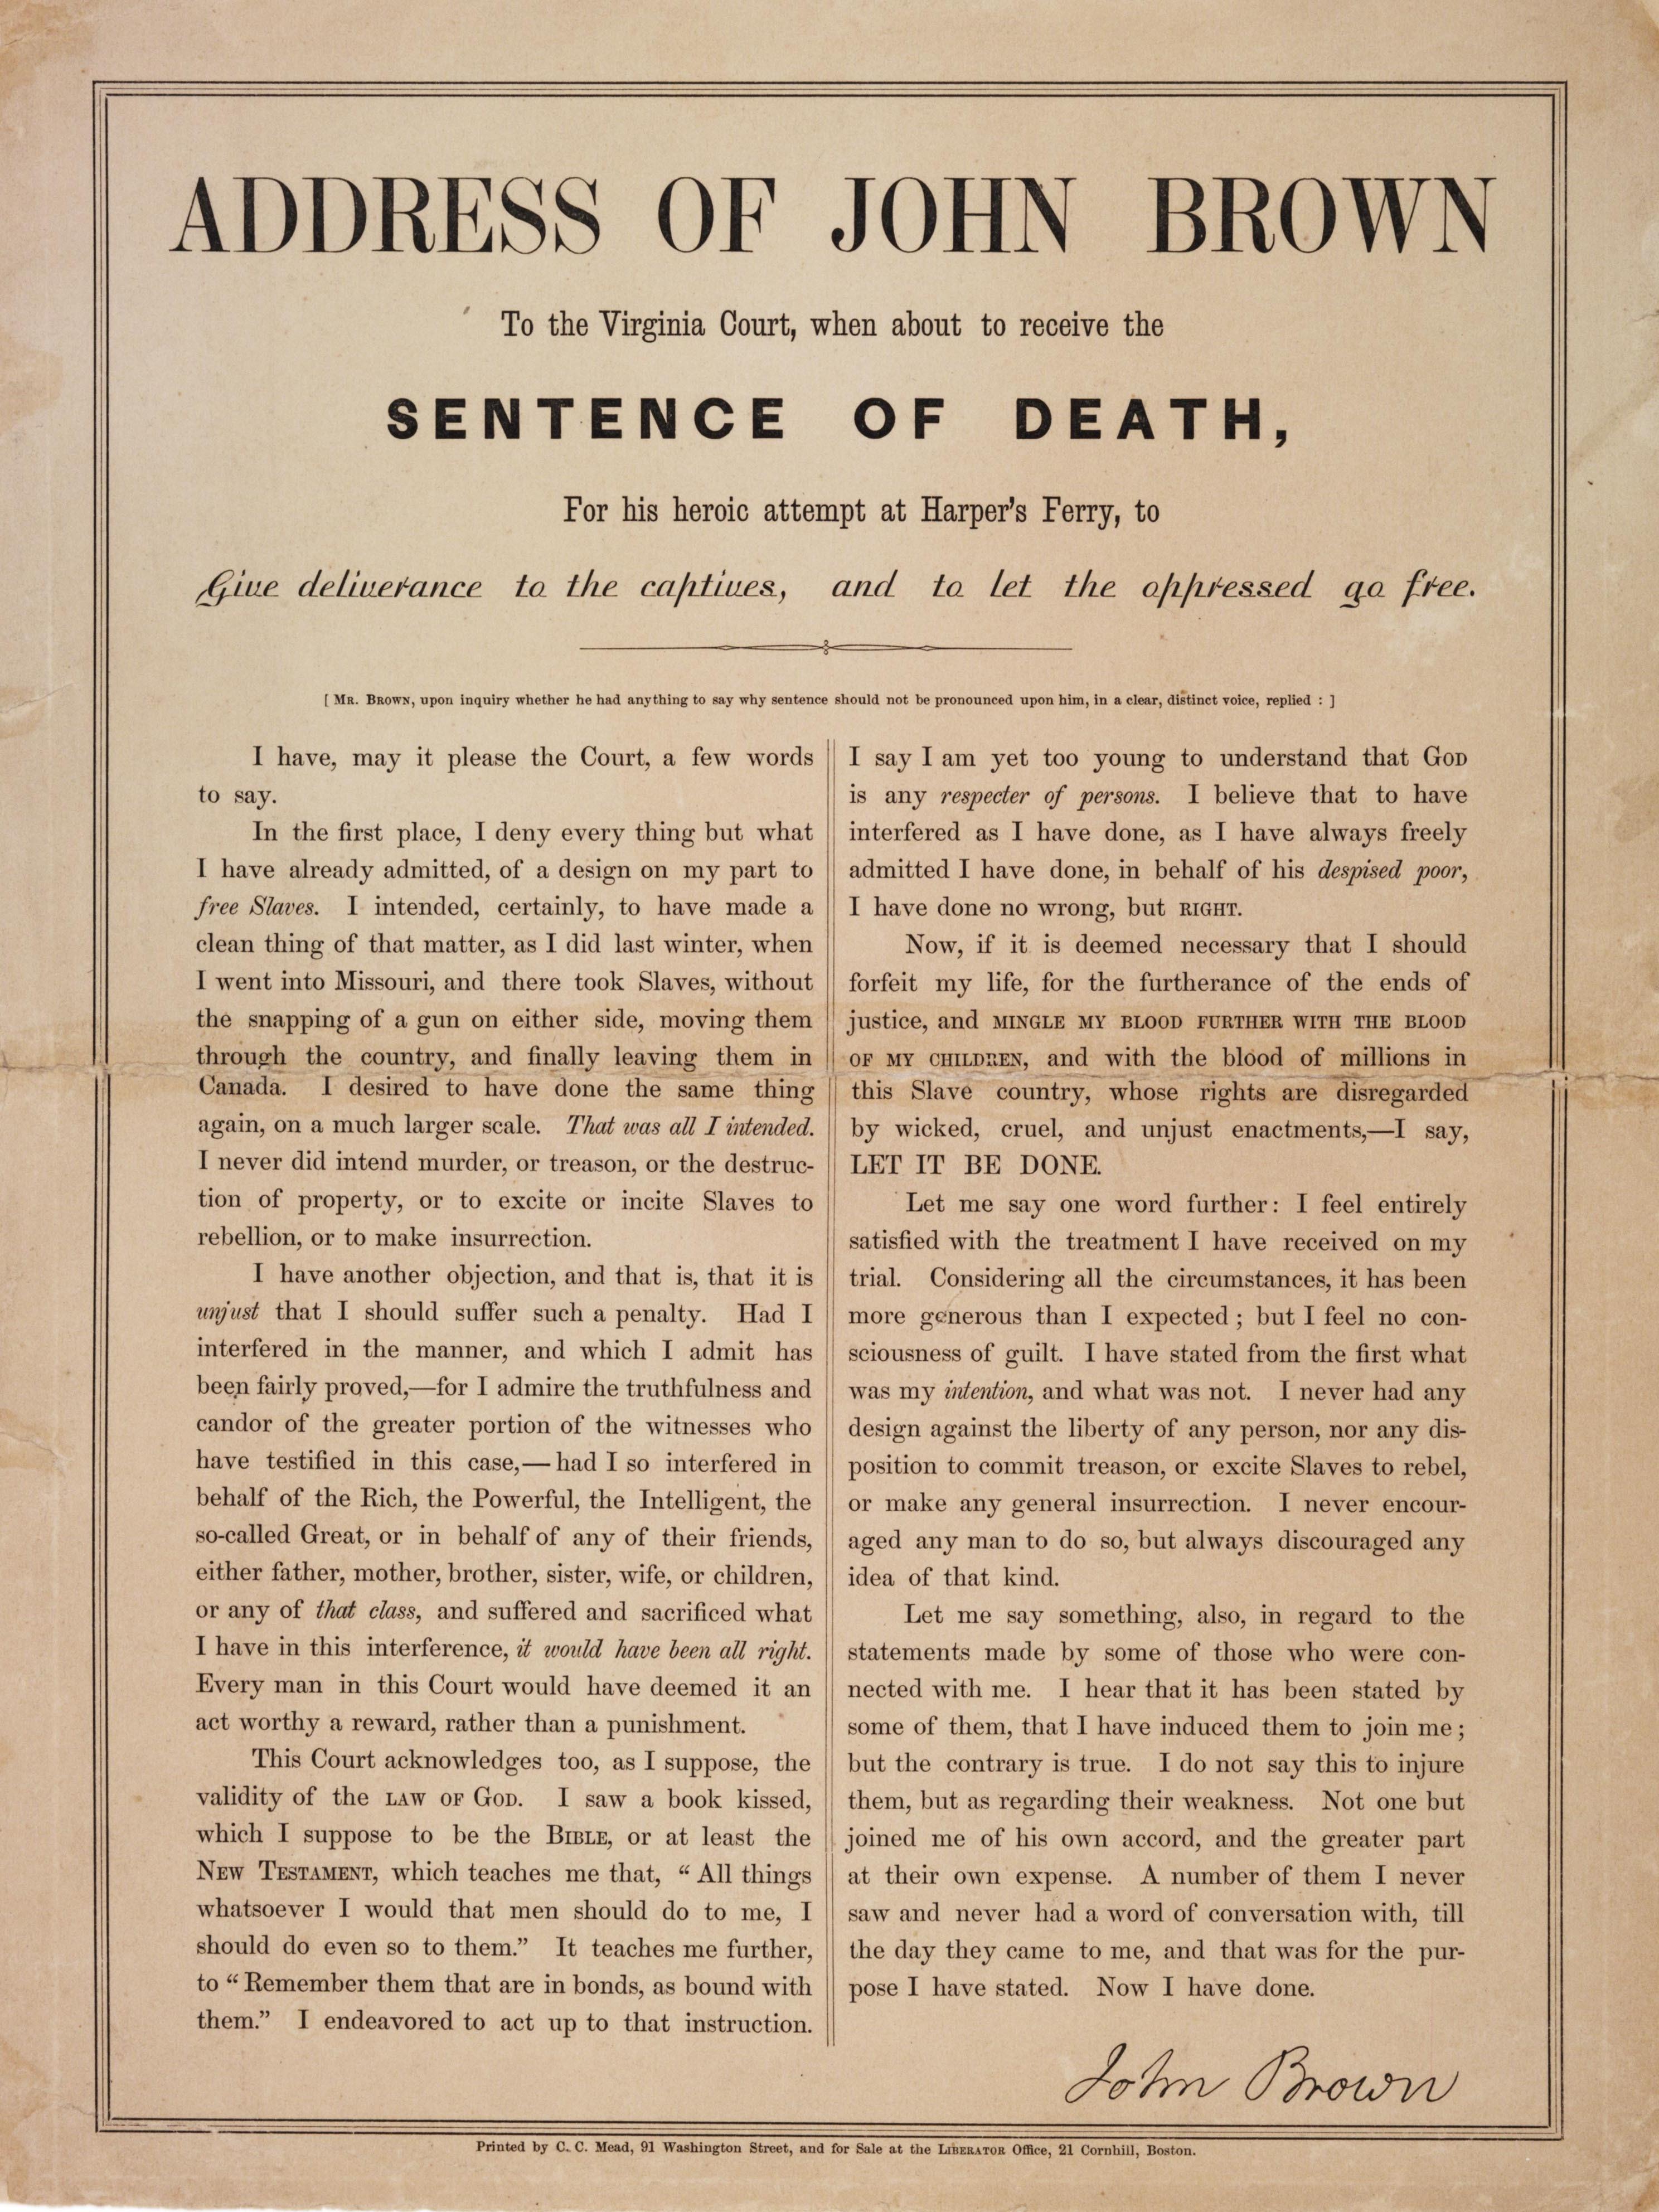 Broadside_of_John_Brown%27s_last_speech.